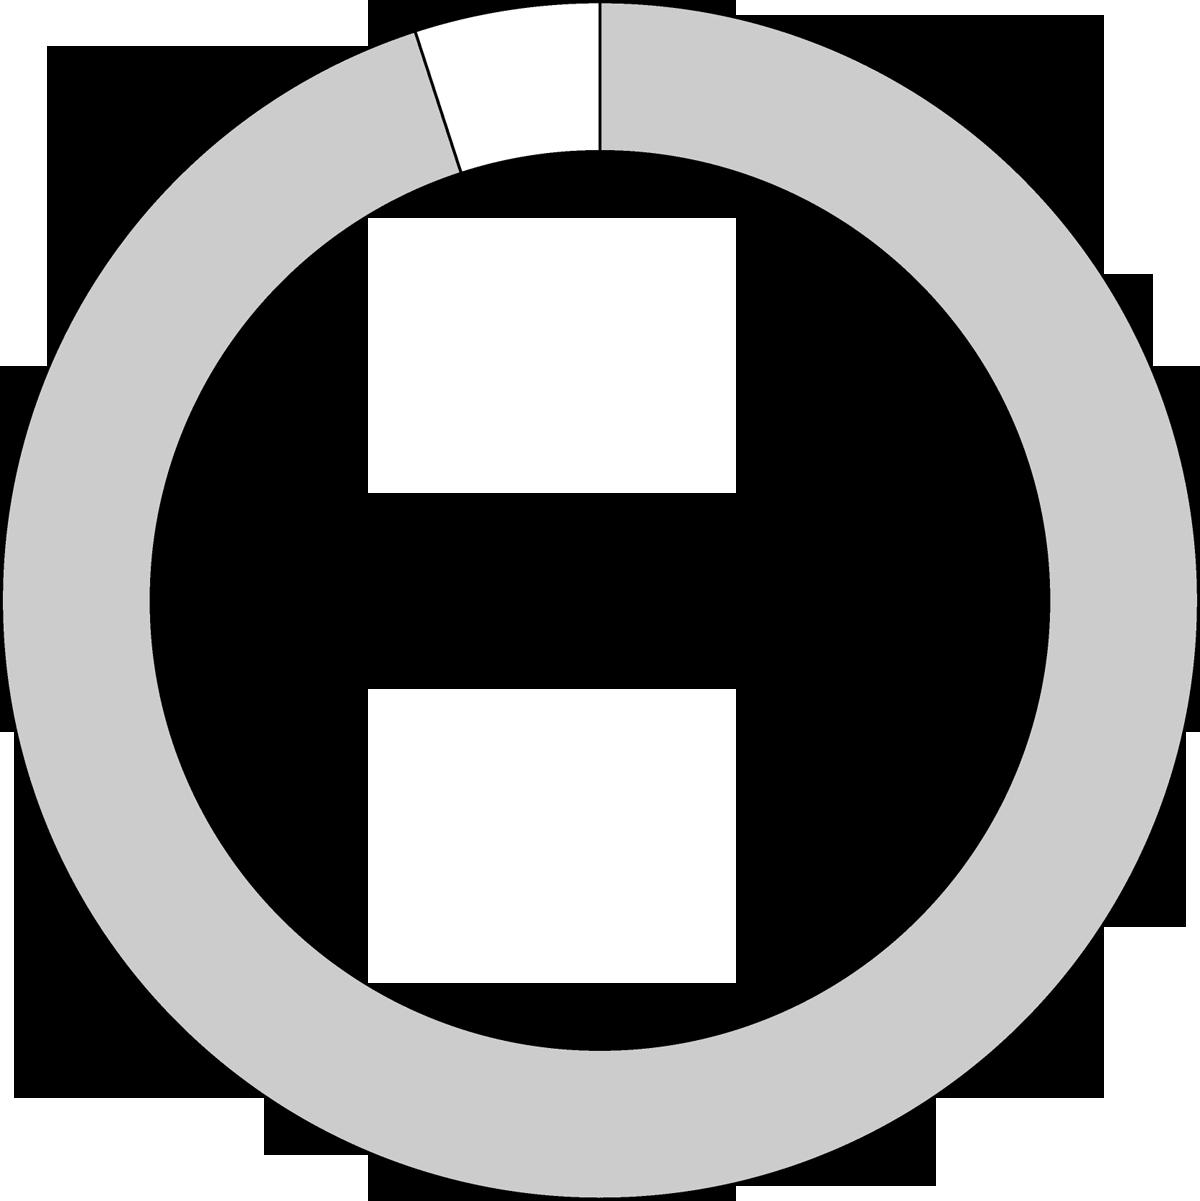 95-percent-new